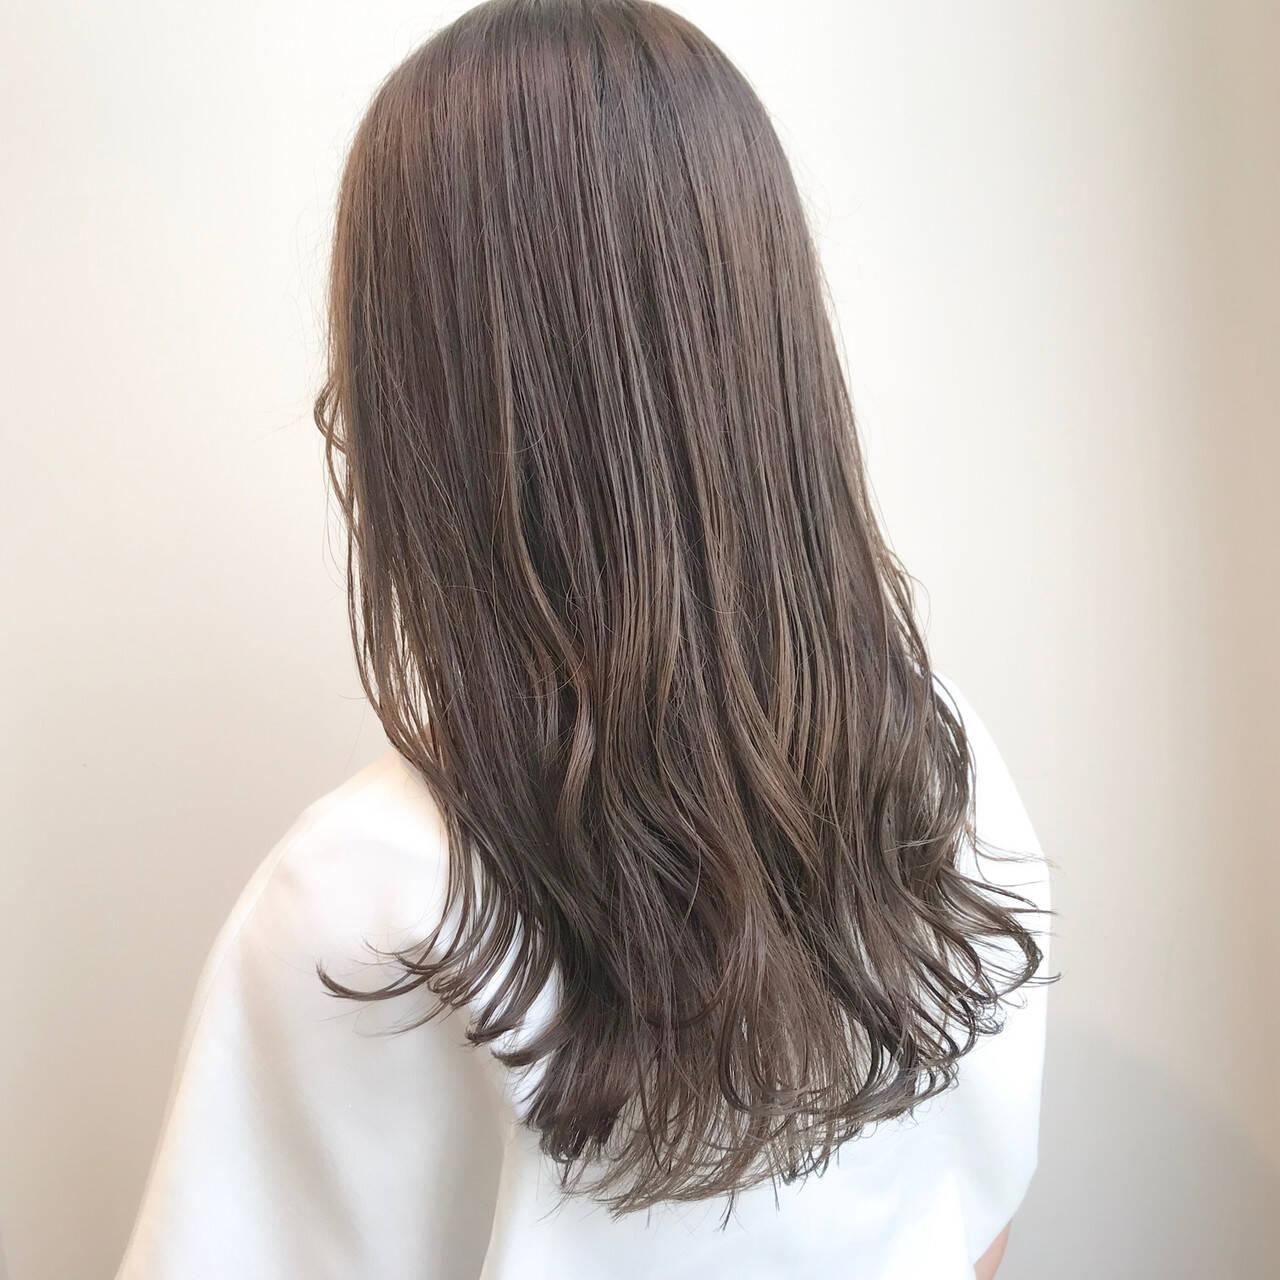 グレージュ アッシュベージュ ナチュラル セミロングヘアスタイルや髪型の写真・画像